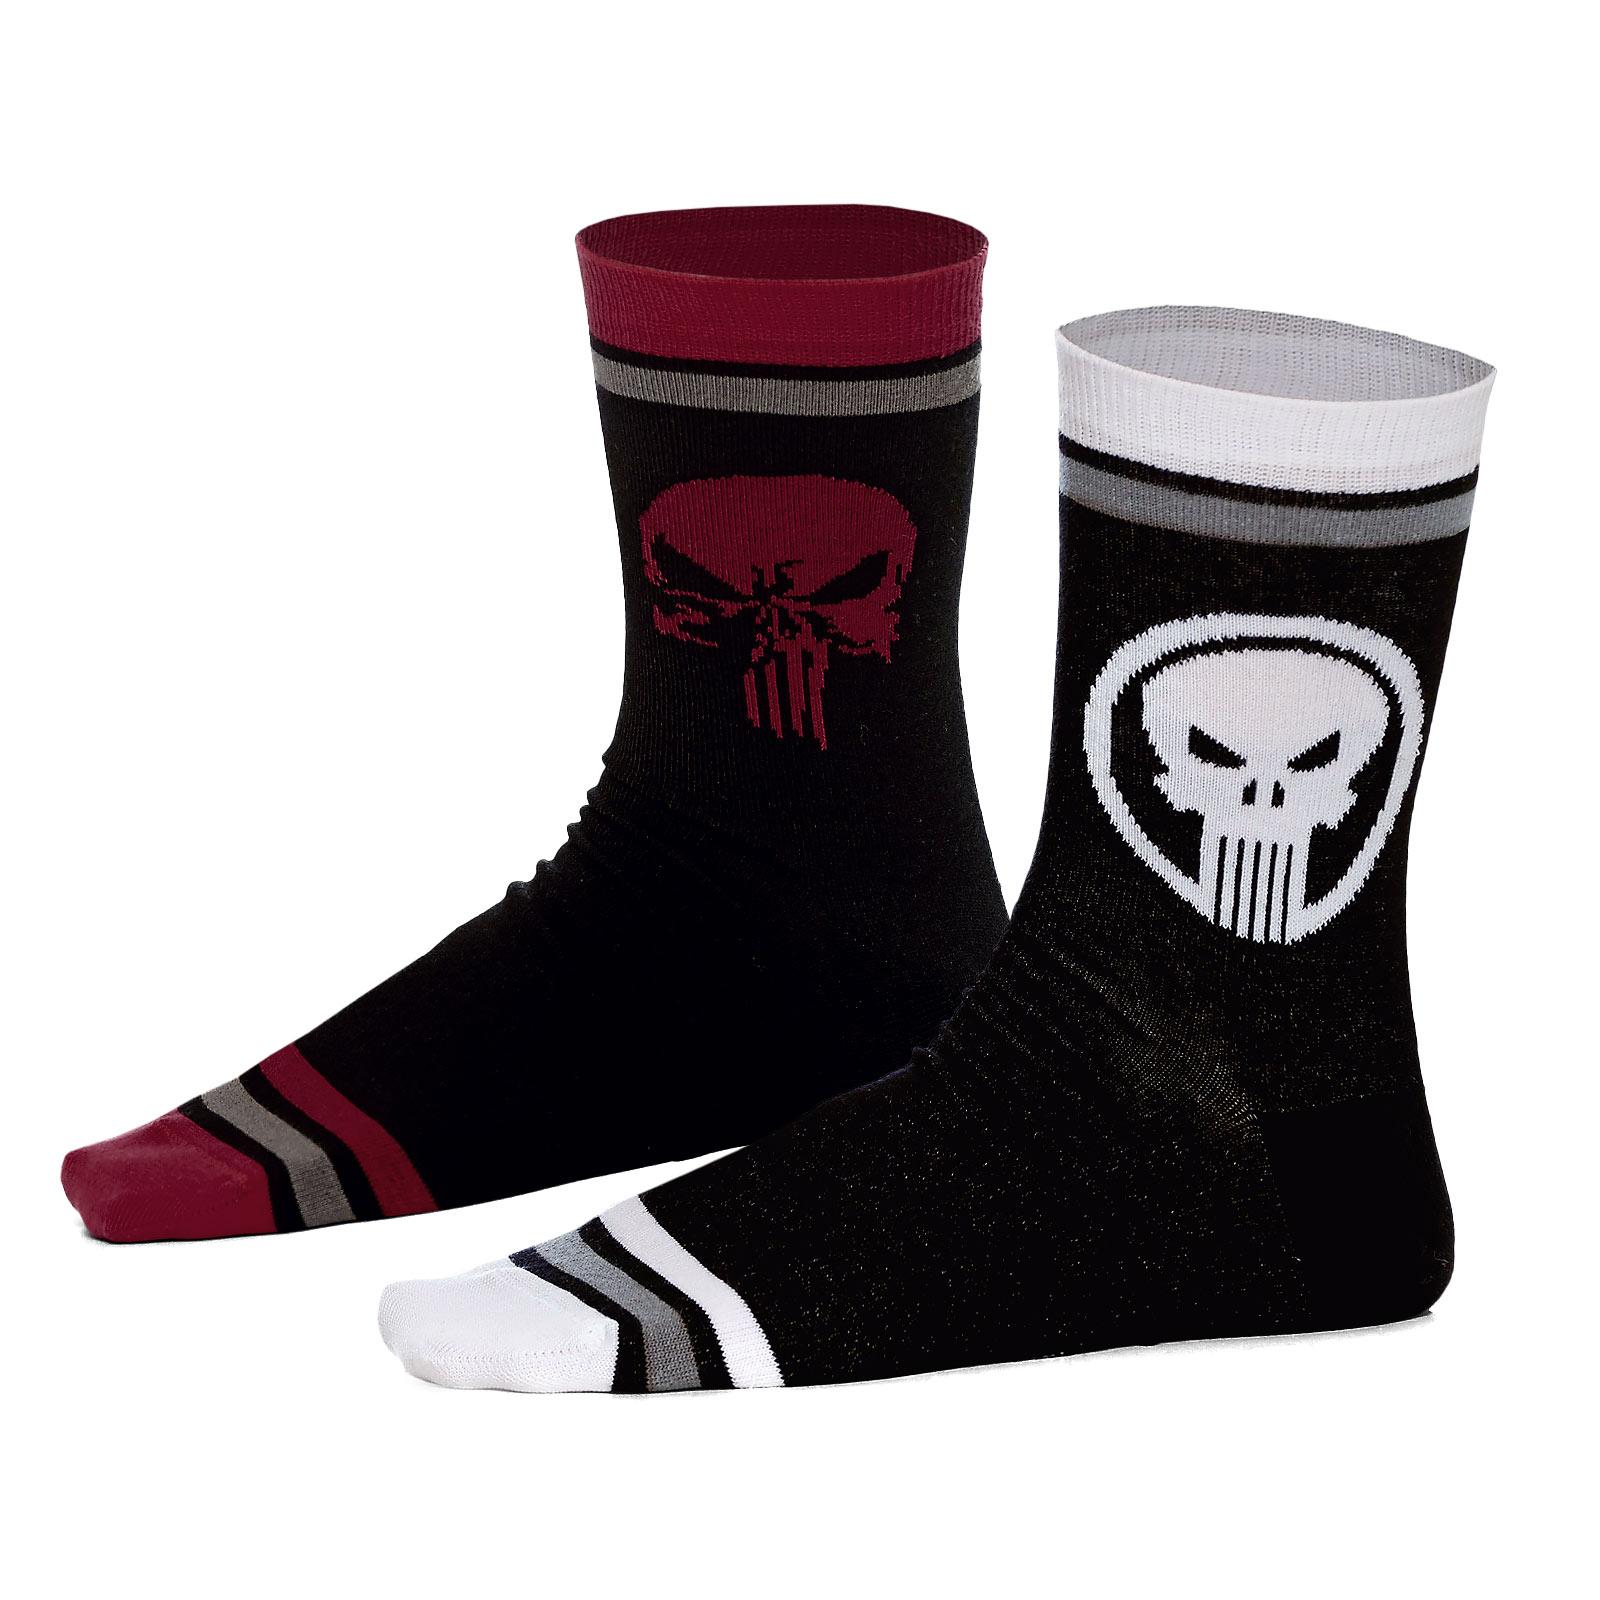 Punisher - Skull Logo Socken 2er Set